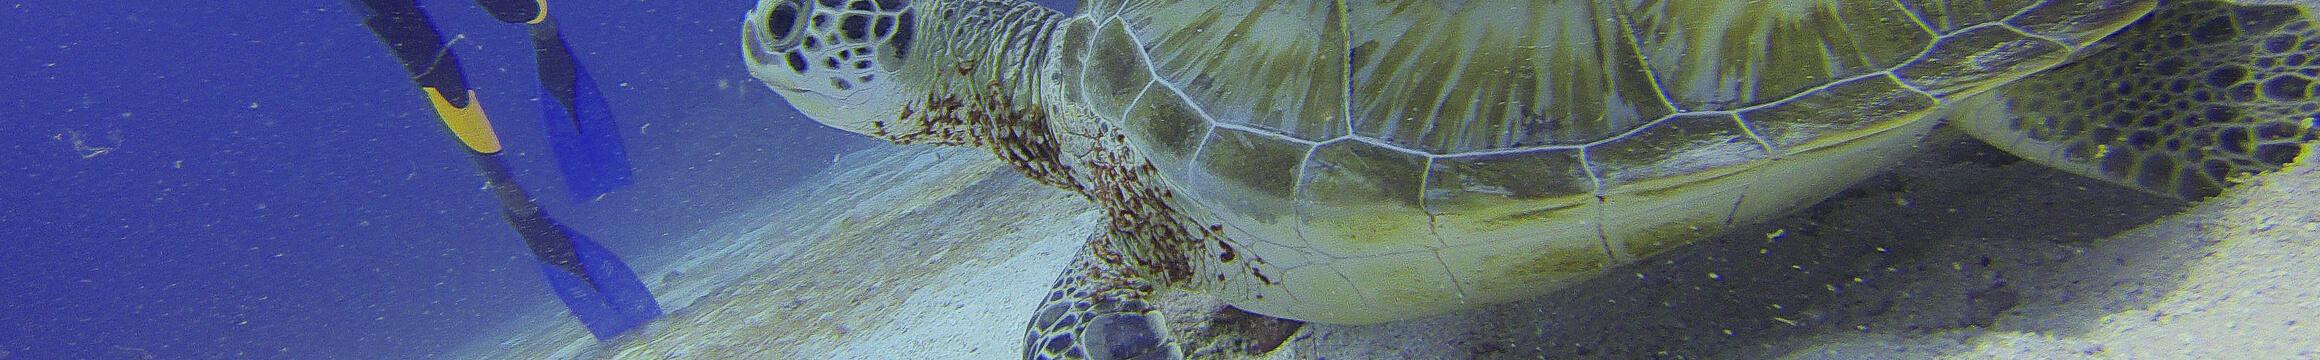 Scuba Oceanlife18